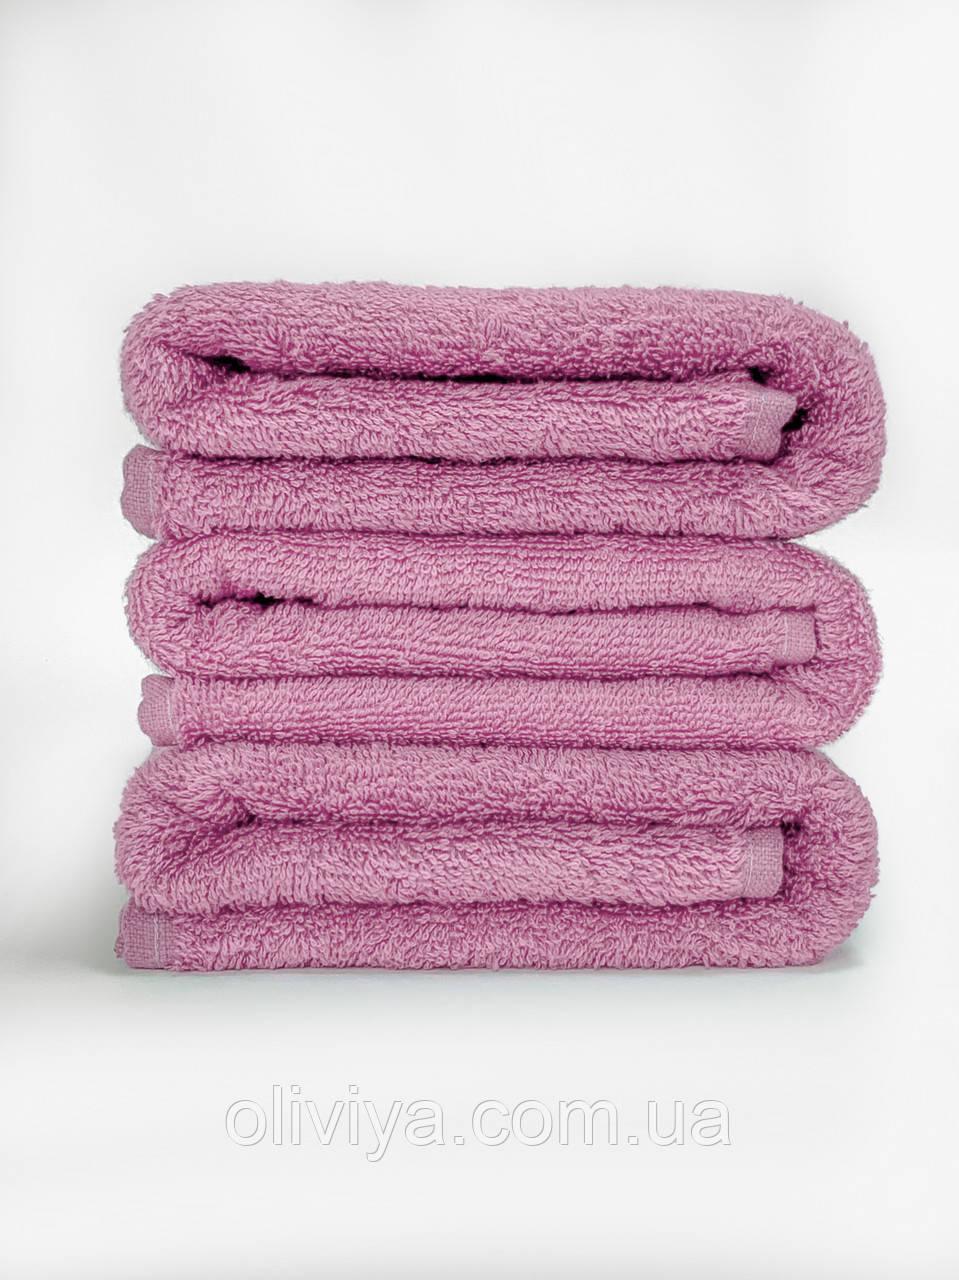 Махрове простирадло 100% бавовна рожевого кольору 155х220